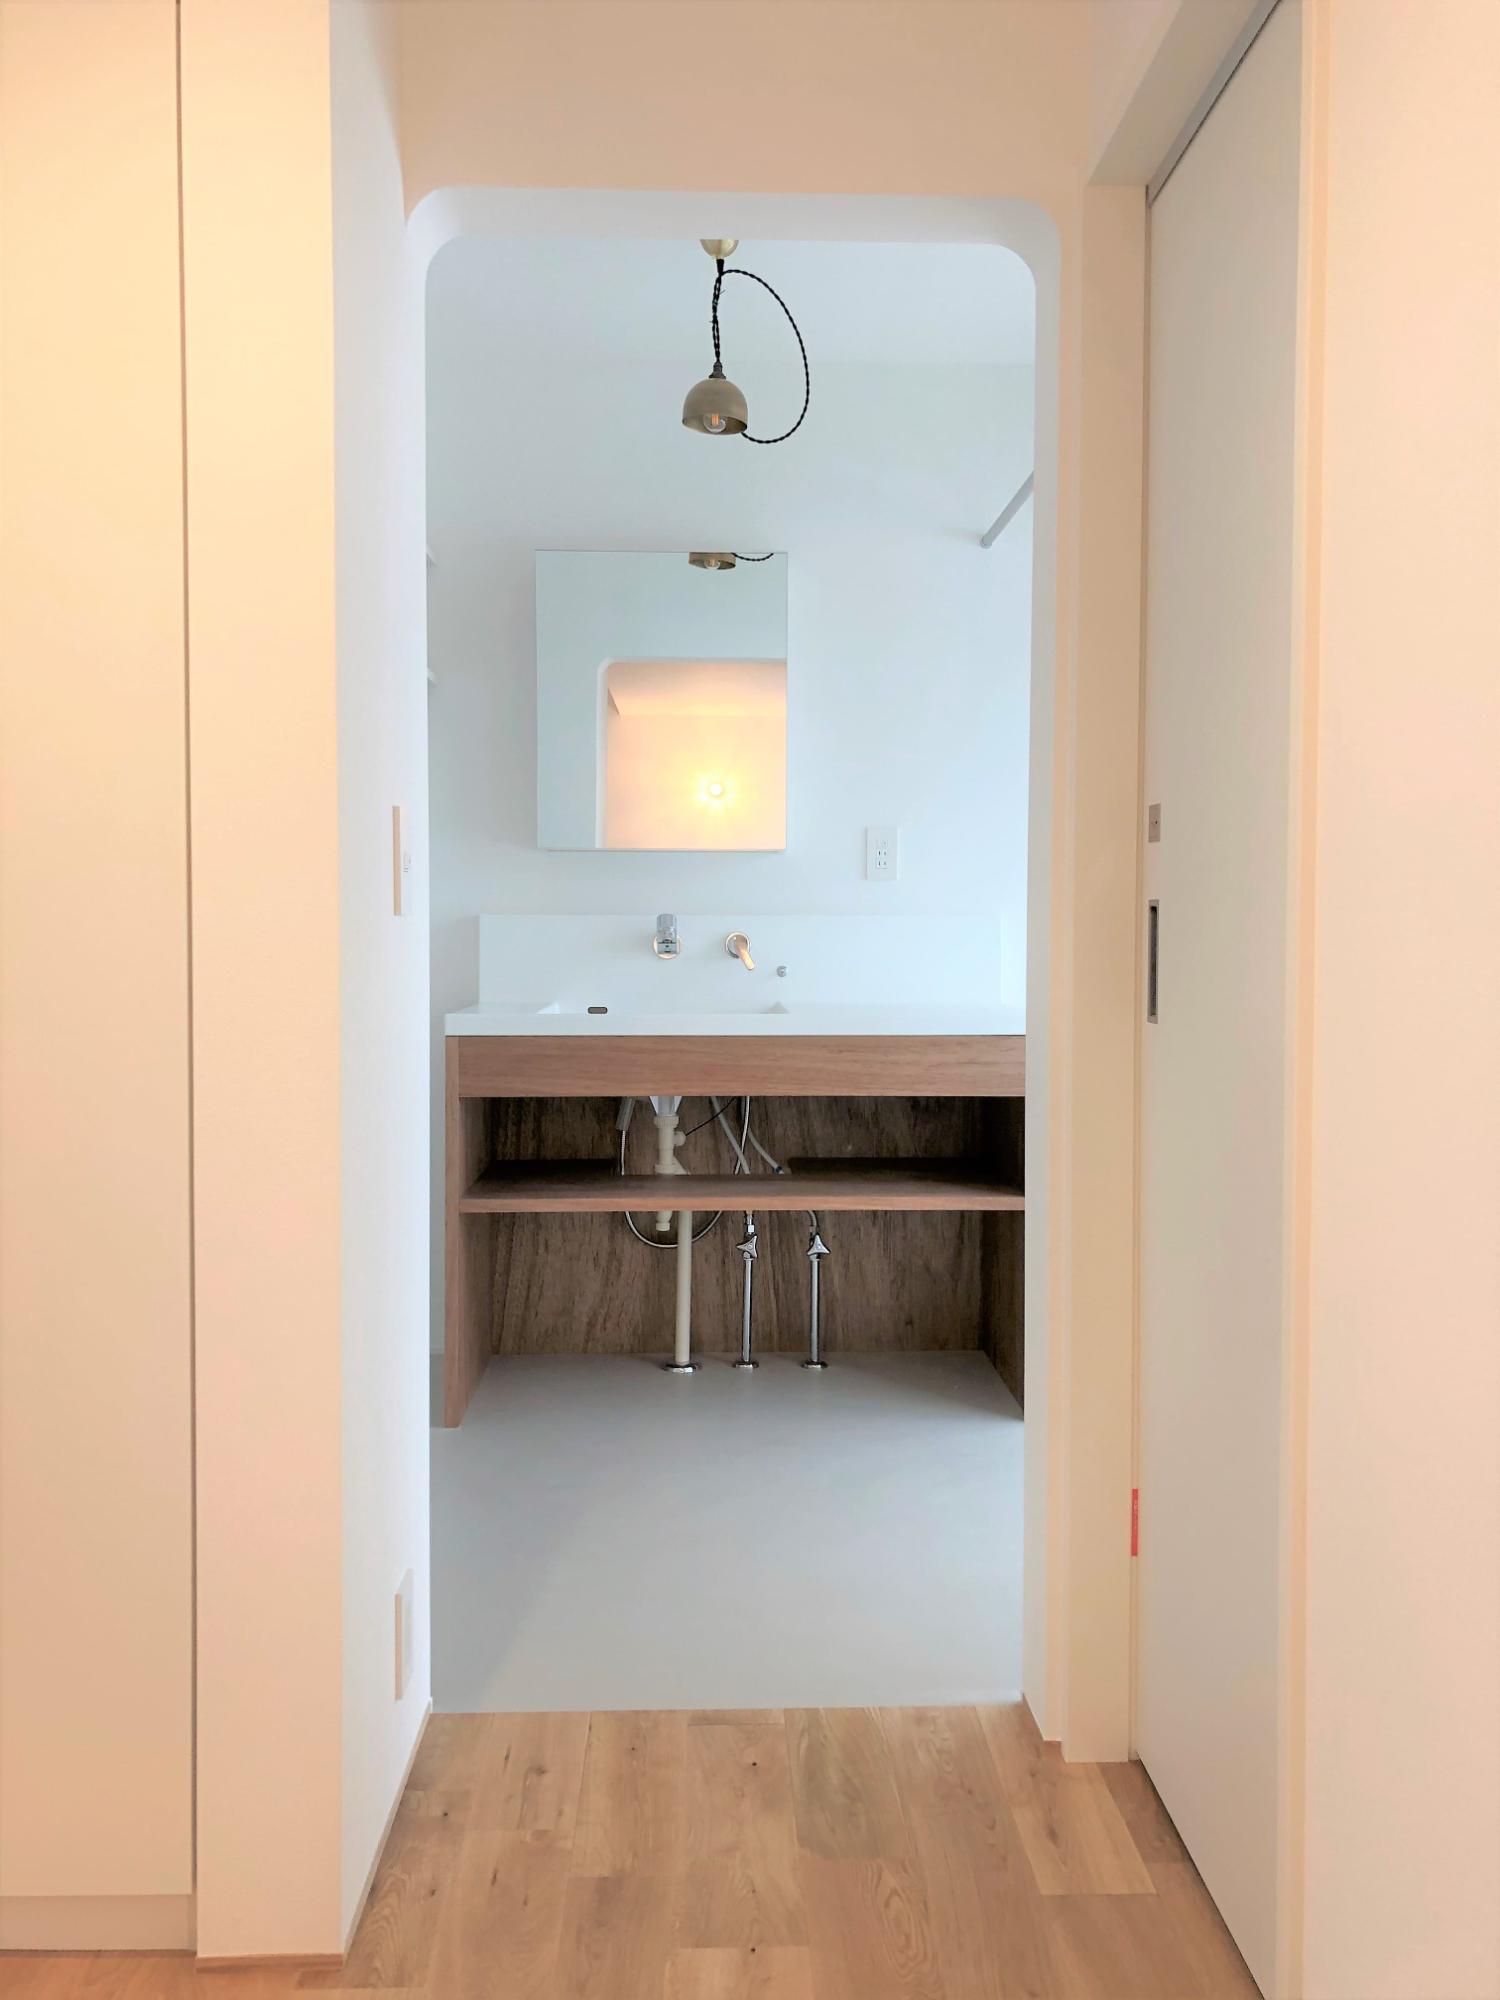 株式会社あかがわ建築設計室「悠遠の家」のシンプル・ナチュラル・自然素材な洗面所・脱衣所の実例写真